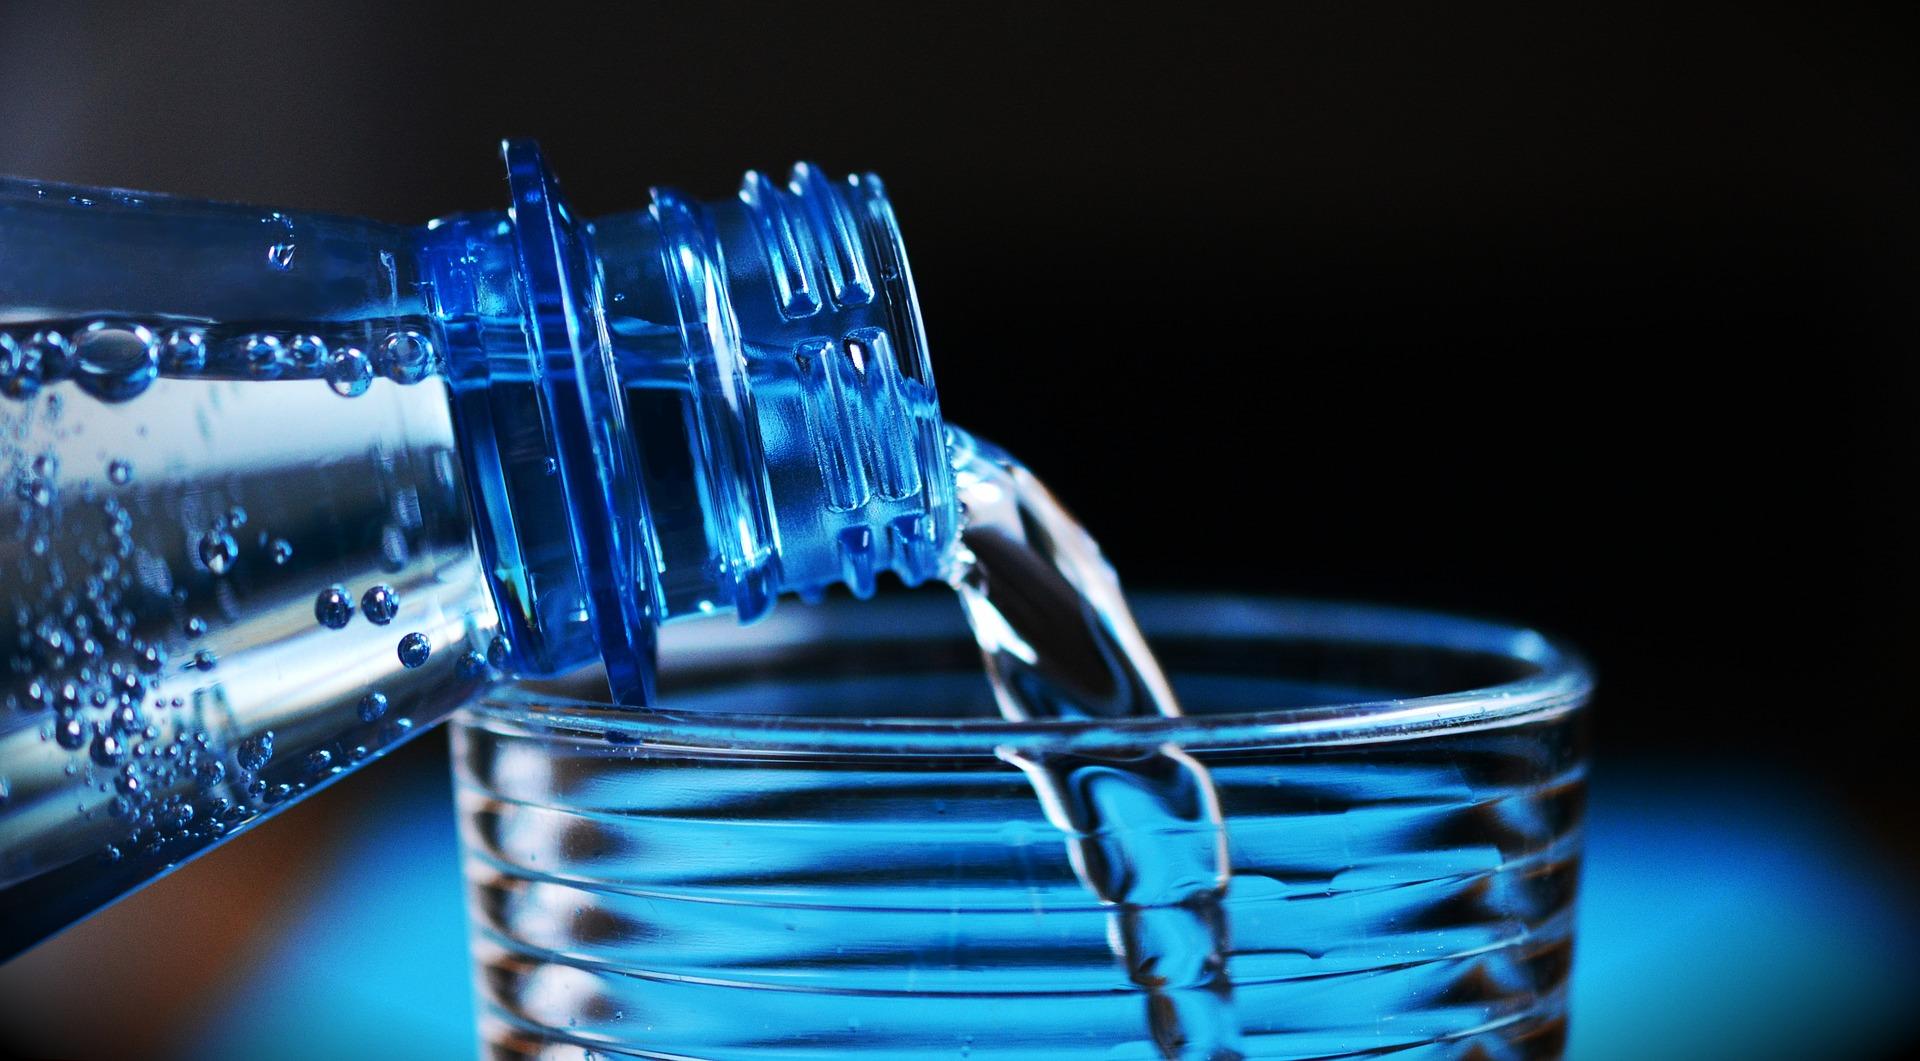 najlepiej gospodarująca wodą firma